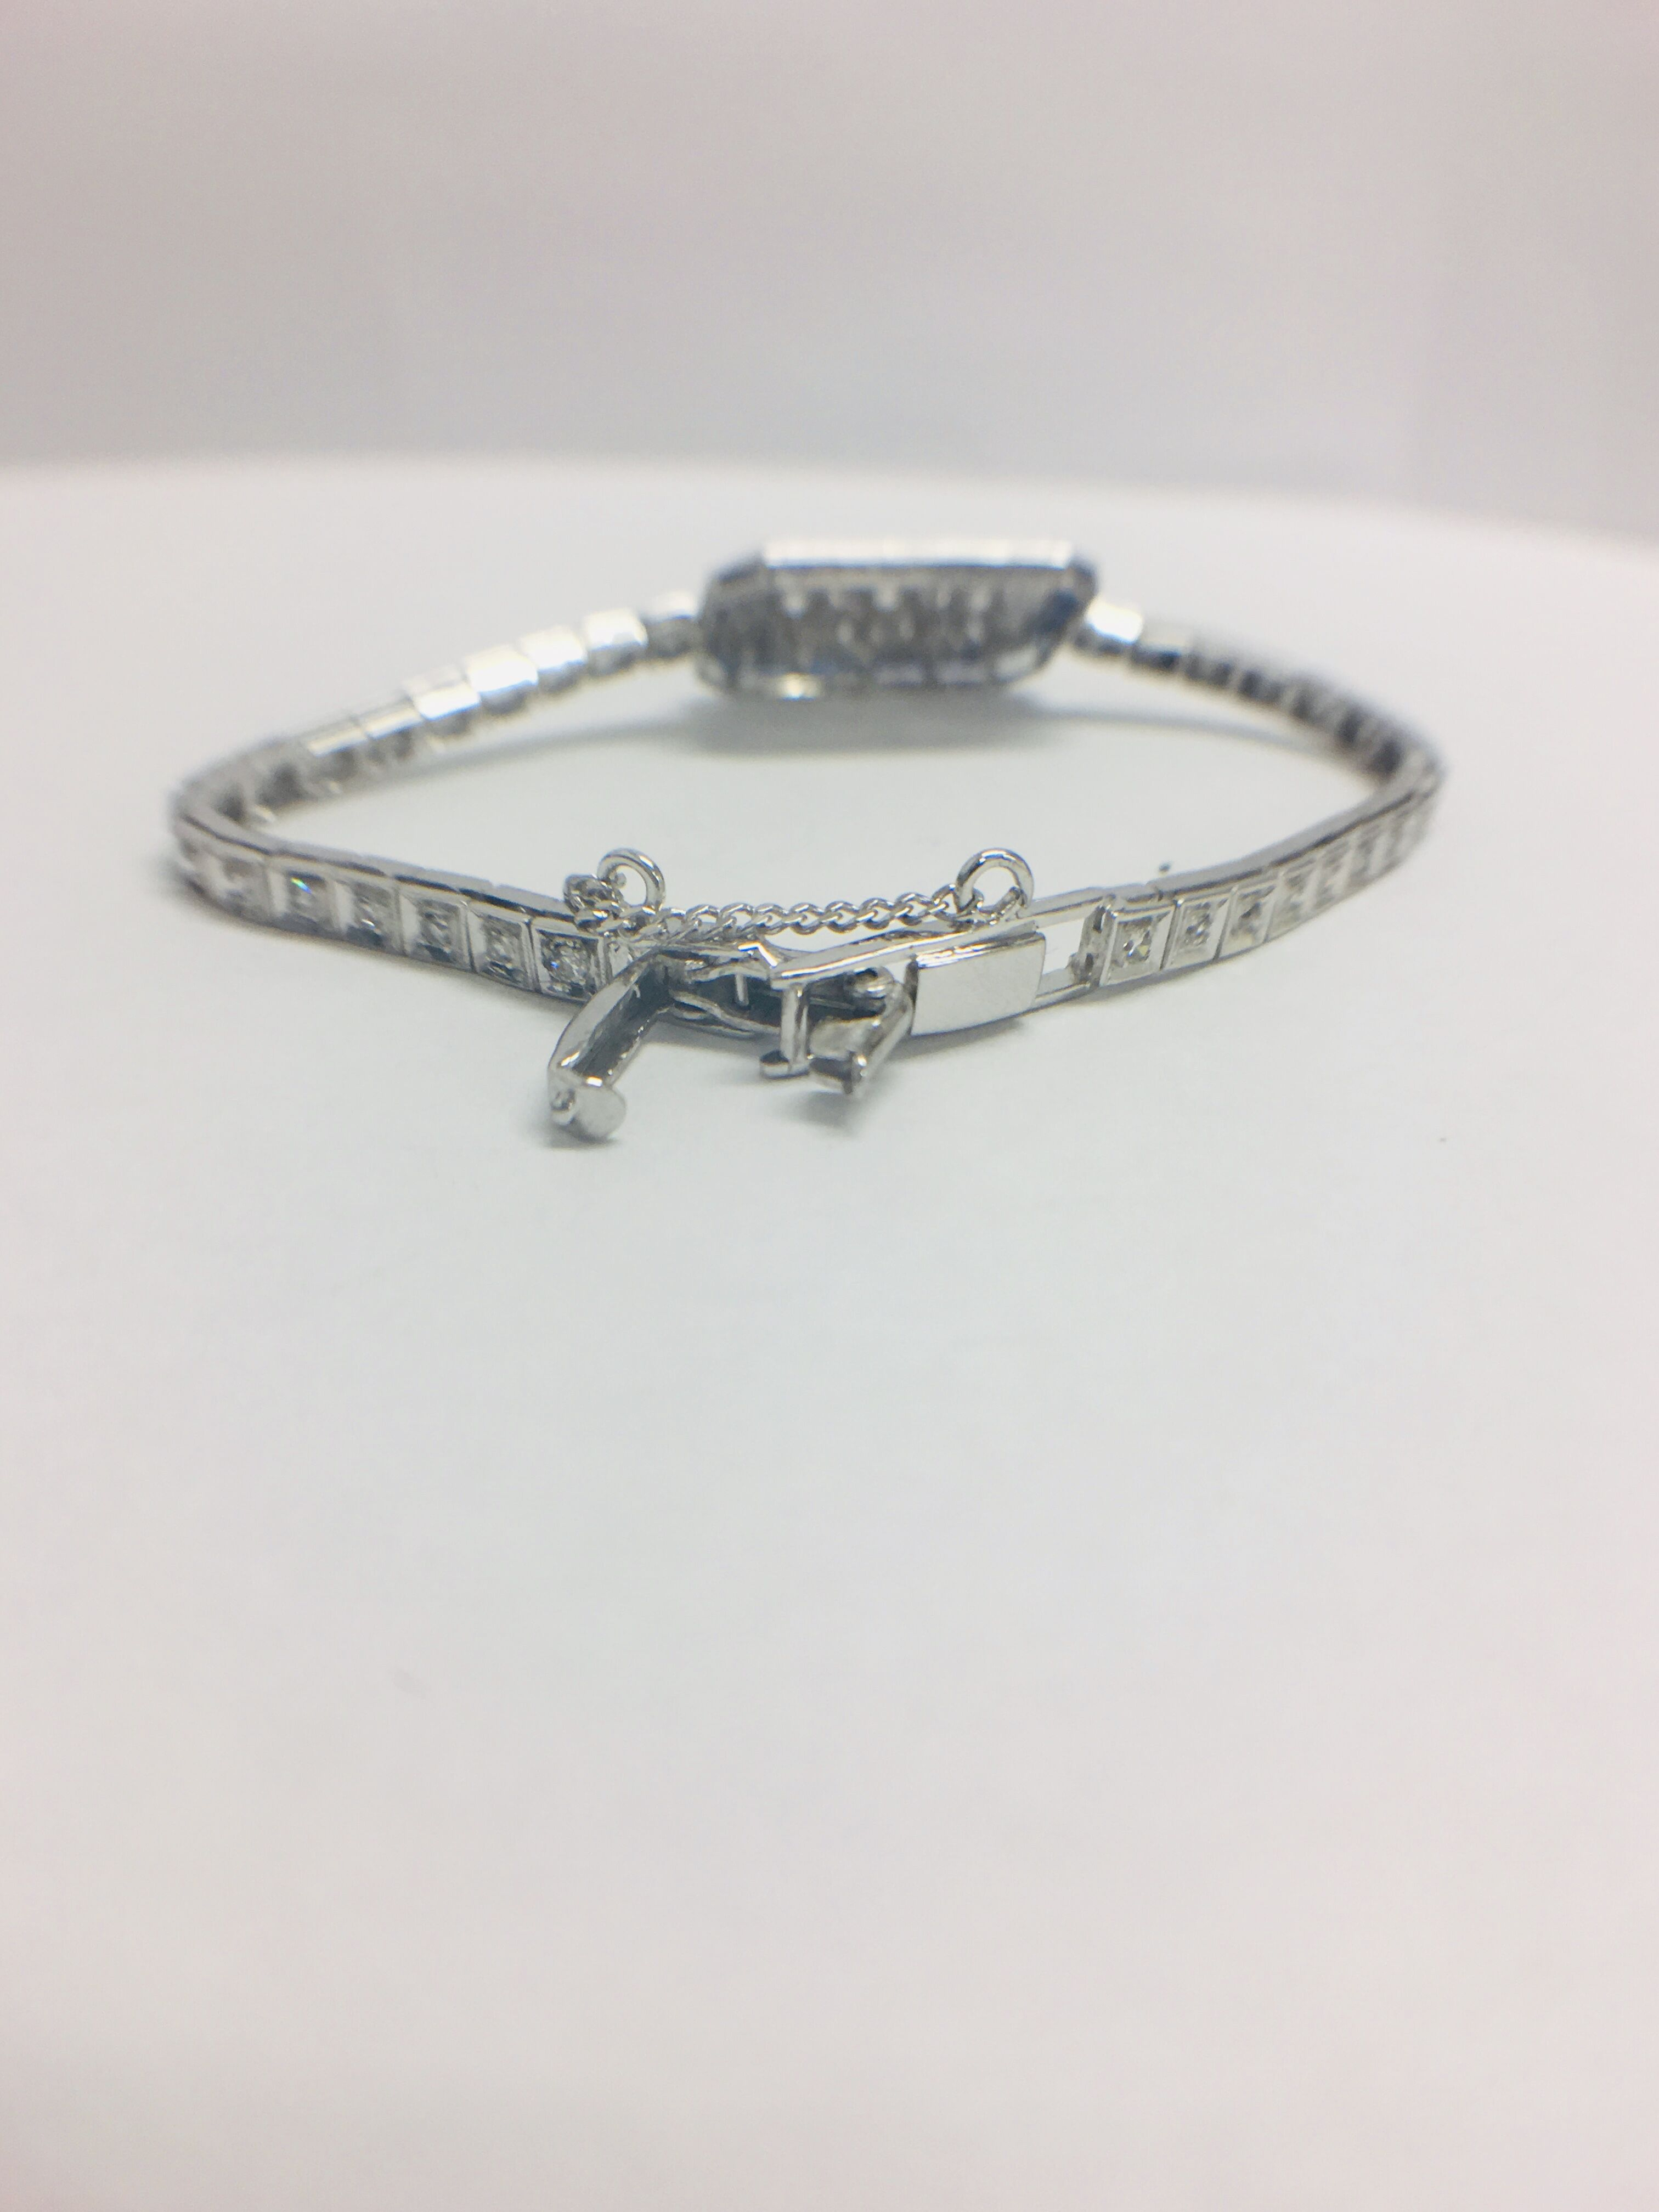 Platinum Cocktail Bracelet - Image 9 of 12